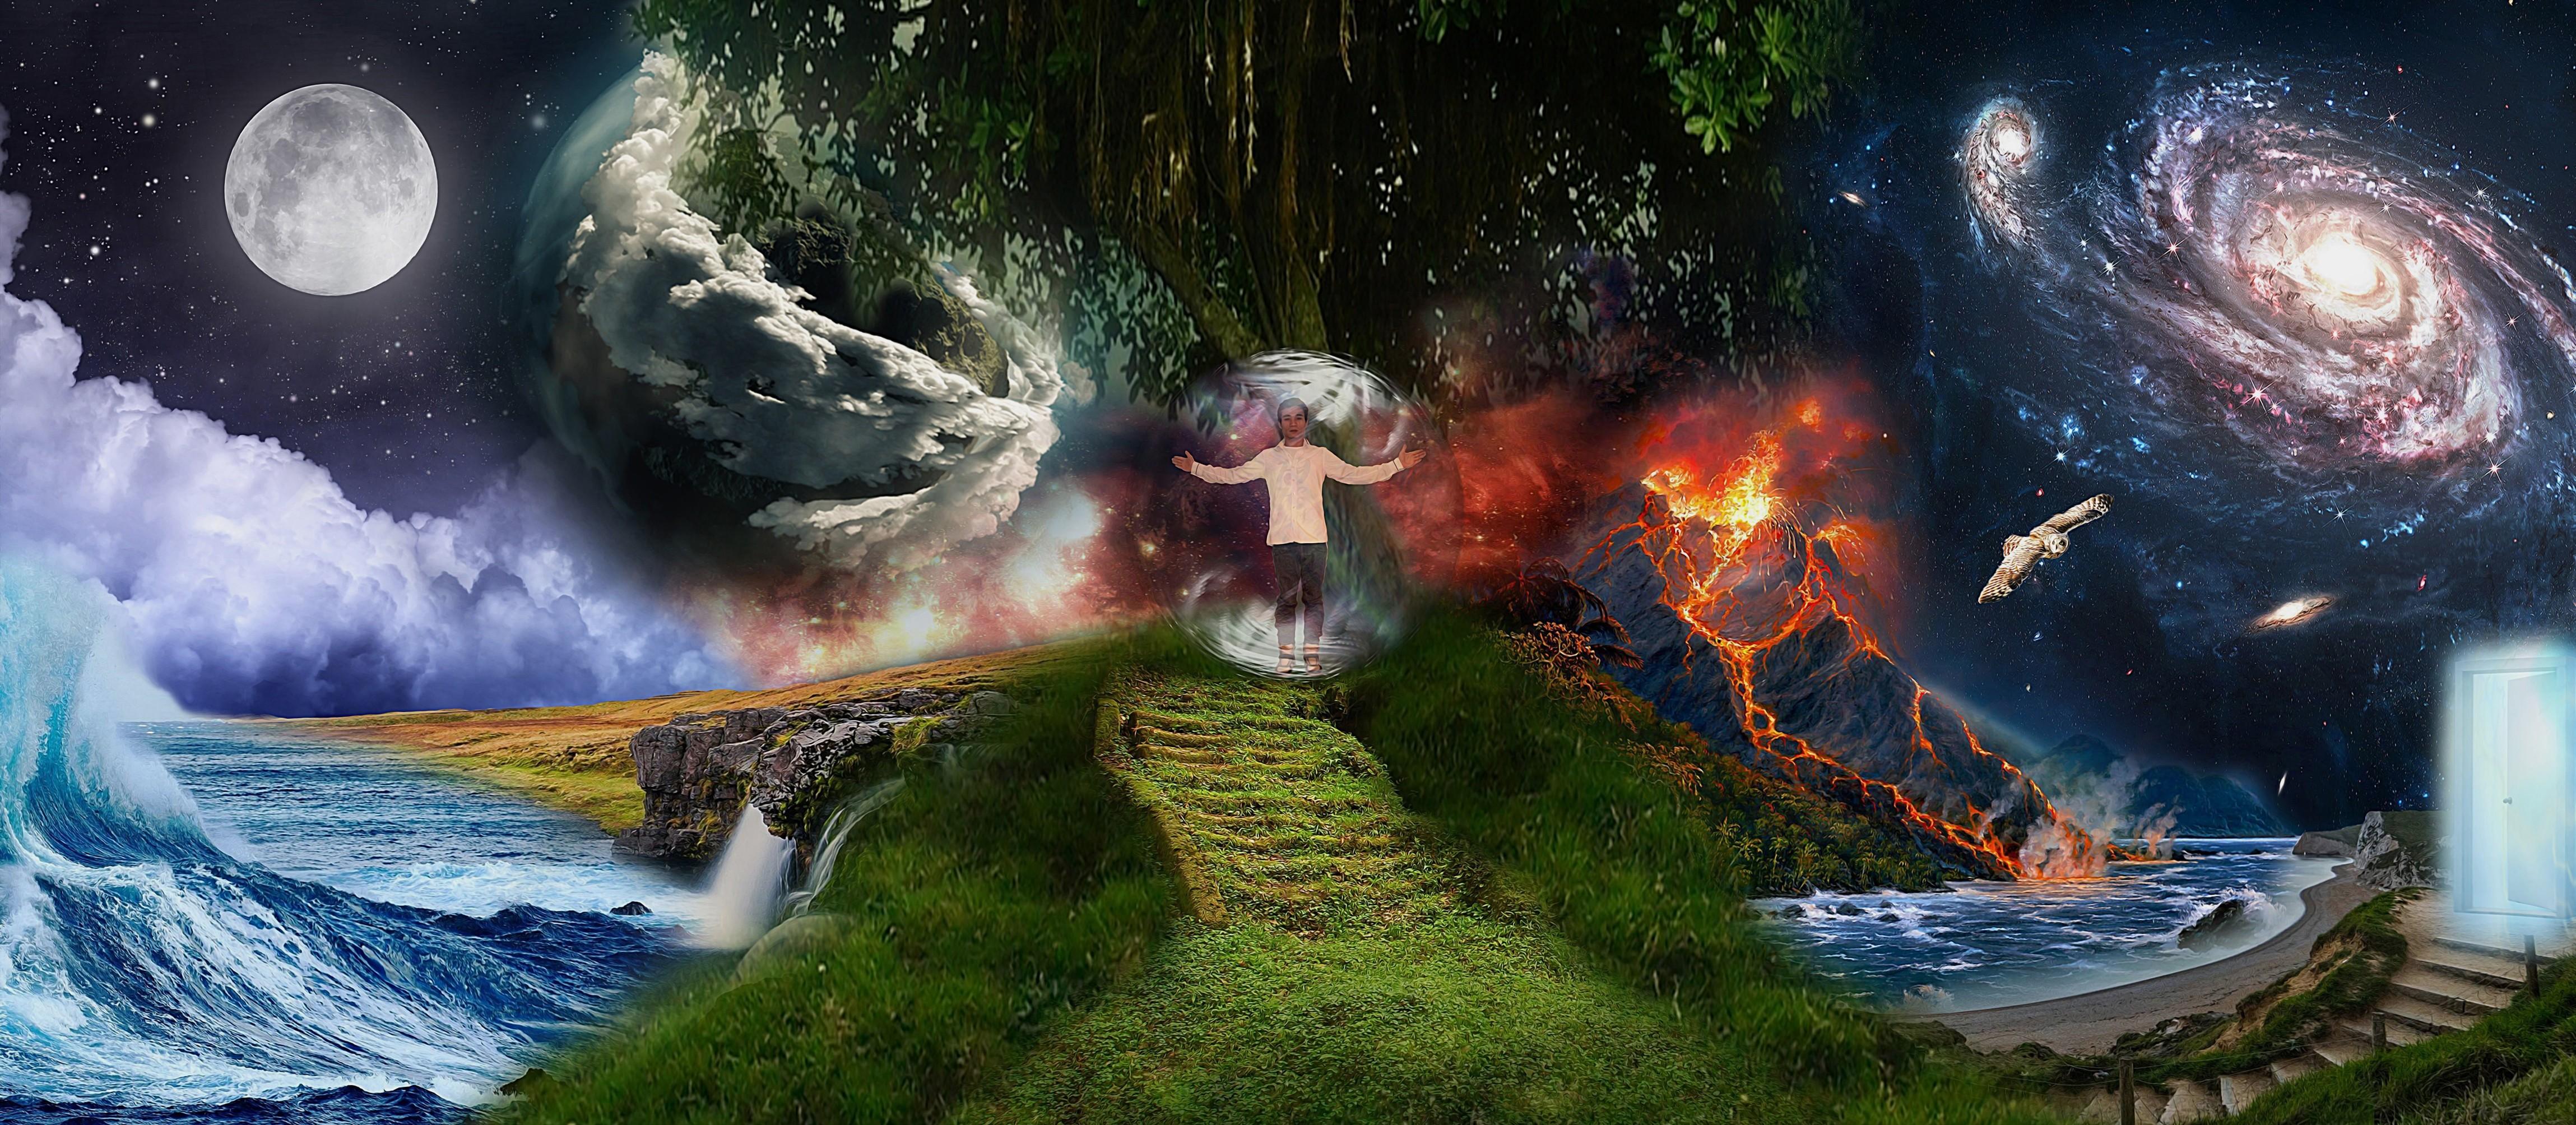 Fond d'écran : planète, collage, Terre, univers, mythologie, capture d'écran, Papier peint de l ...